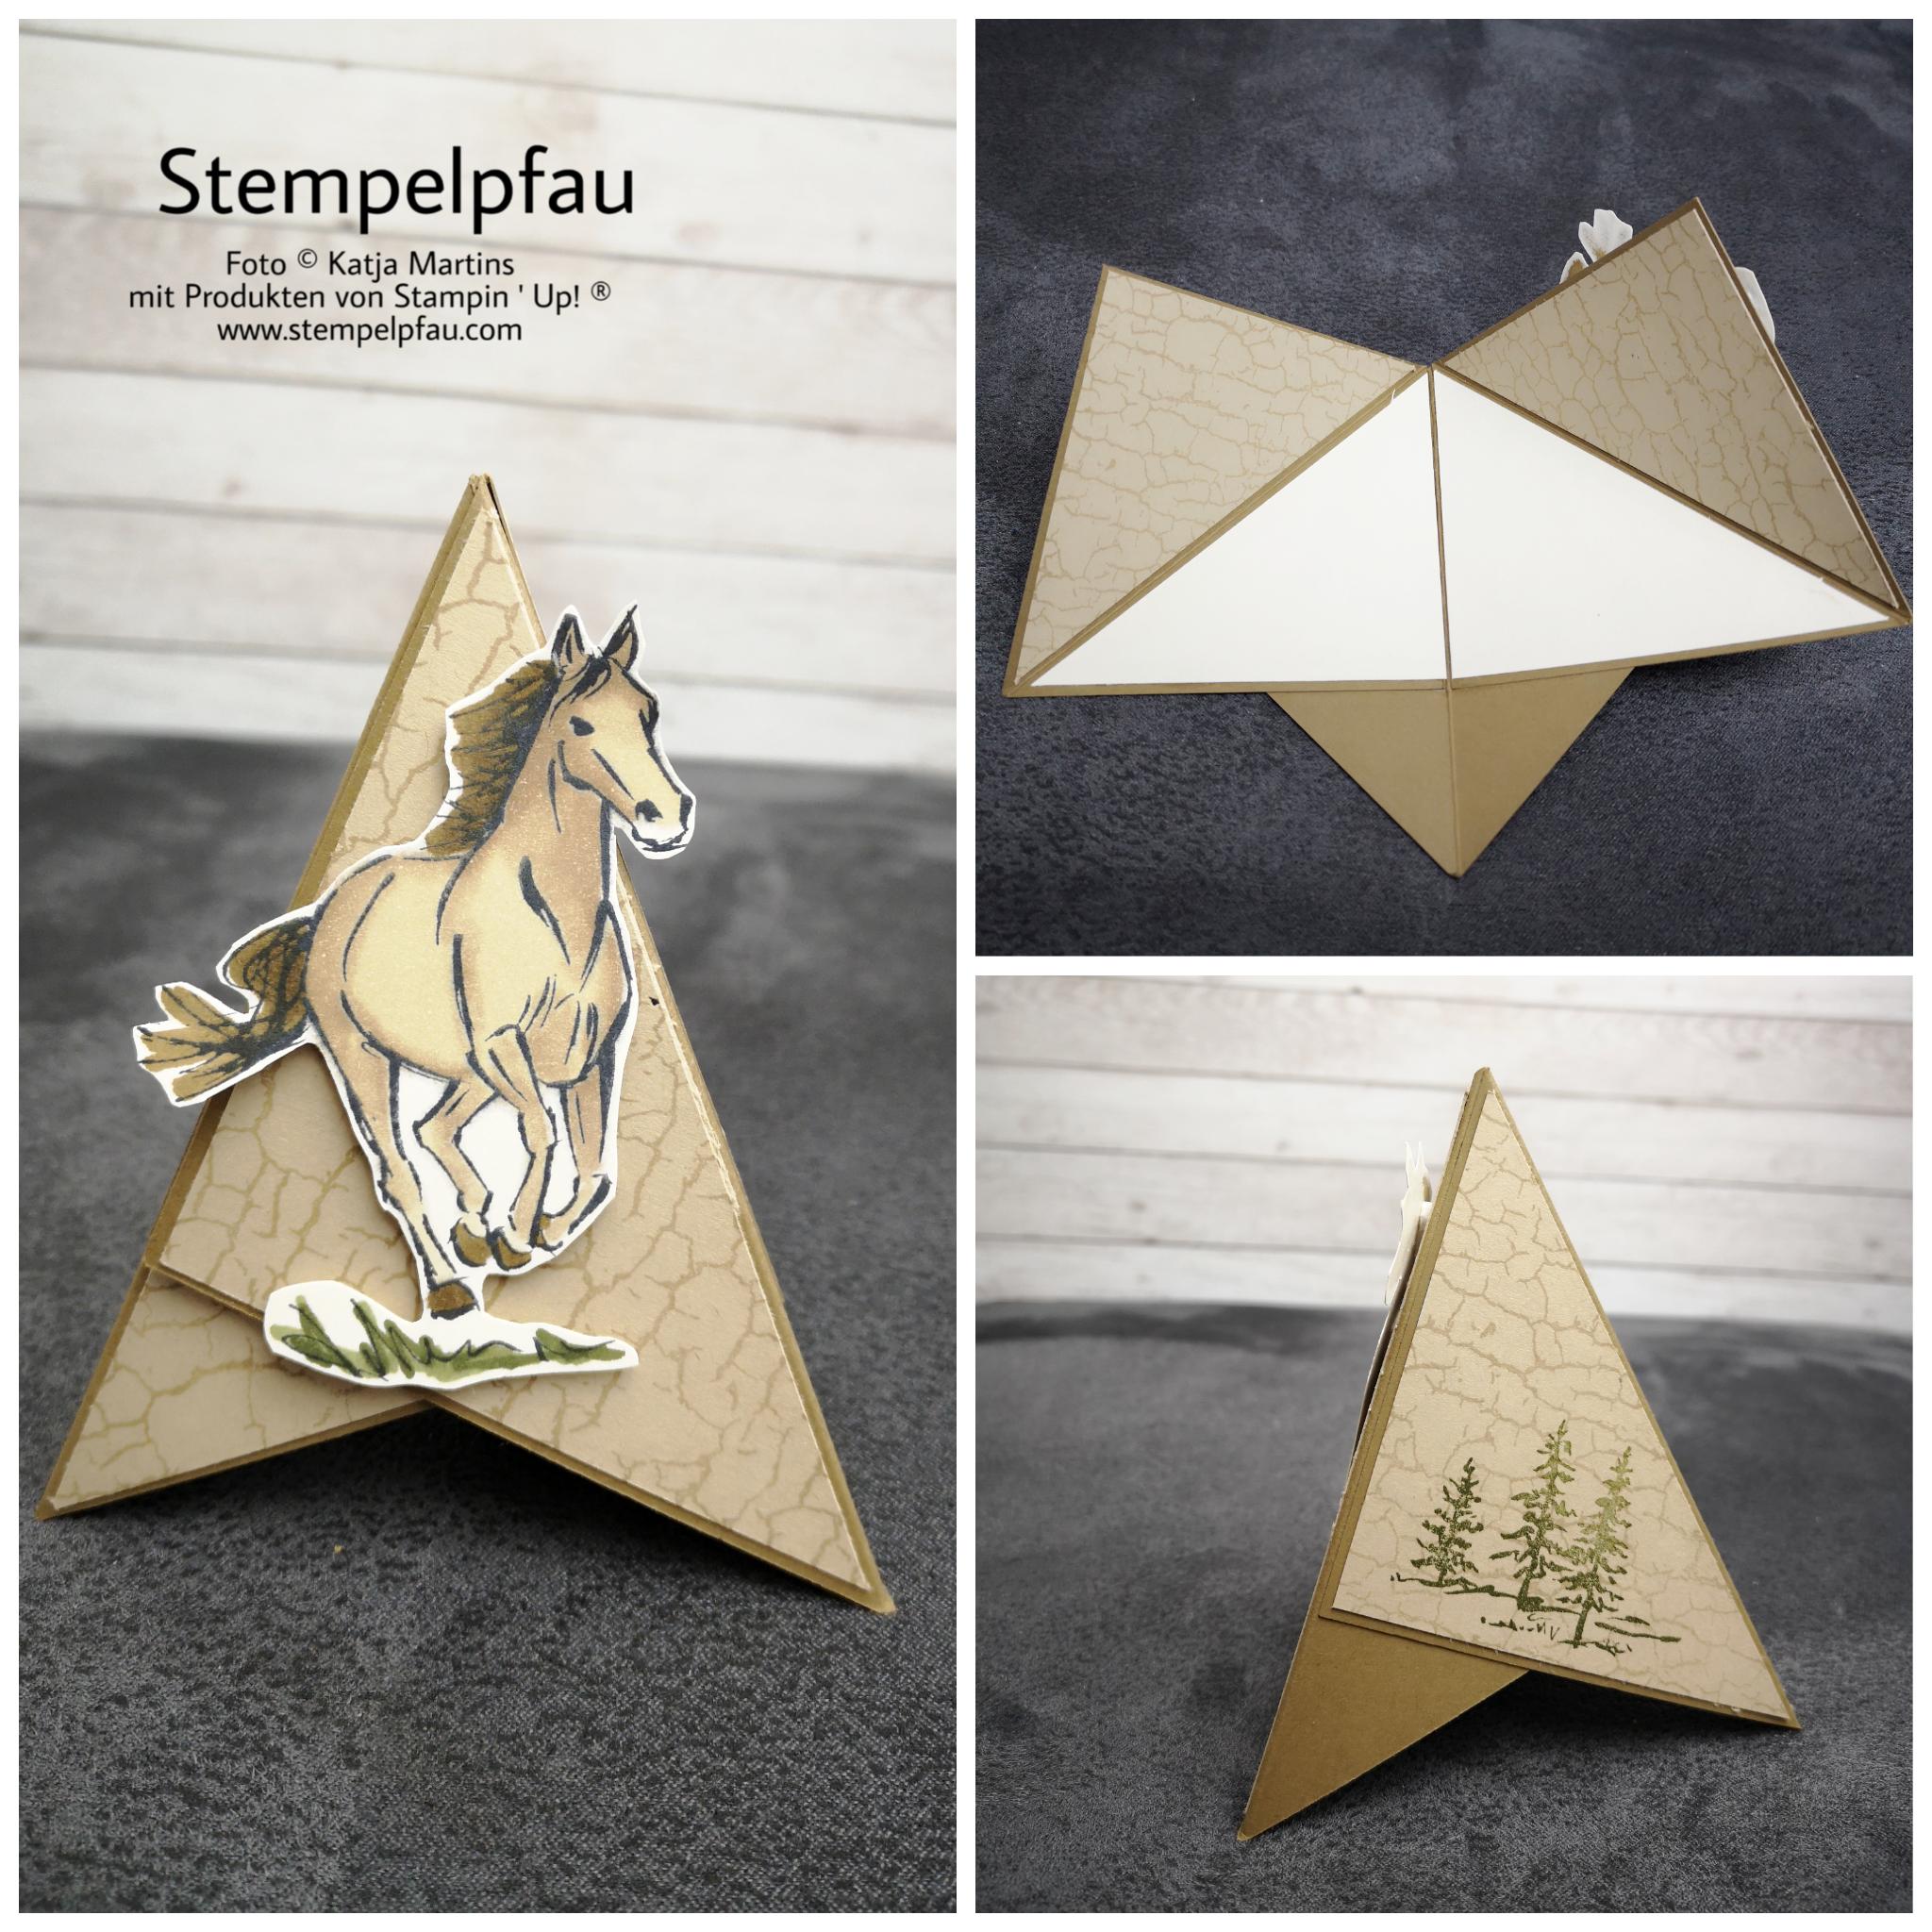 Tippikarte mit Pferd von Stampin' Upl